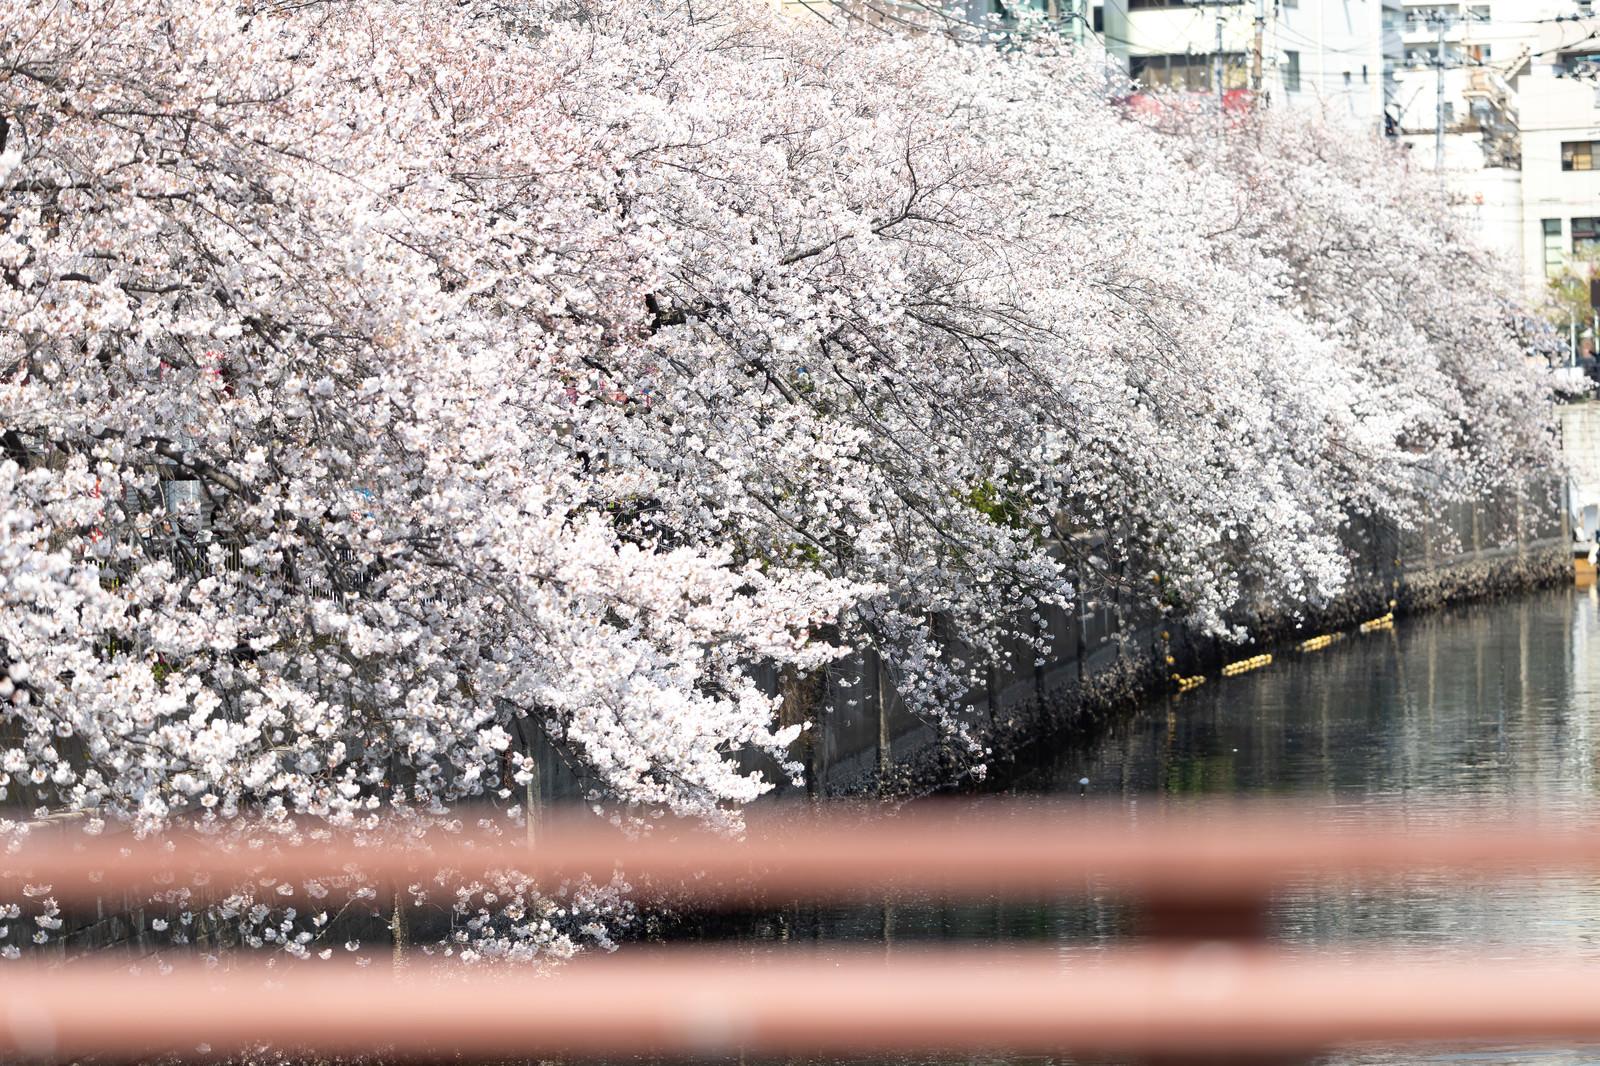 「大岡川沿いの満開の桜(神奈川県)」の写真